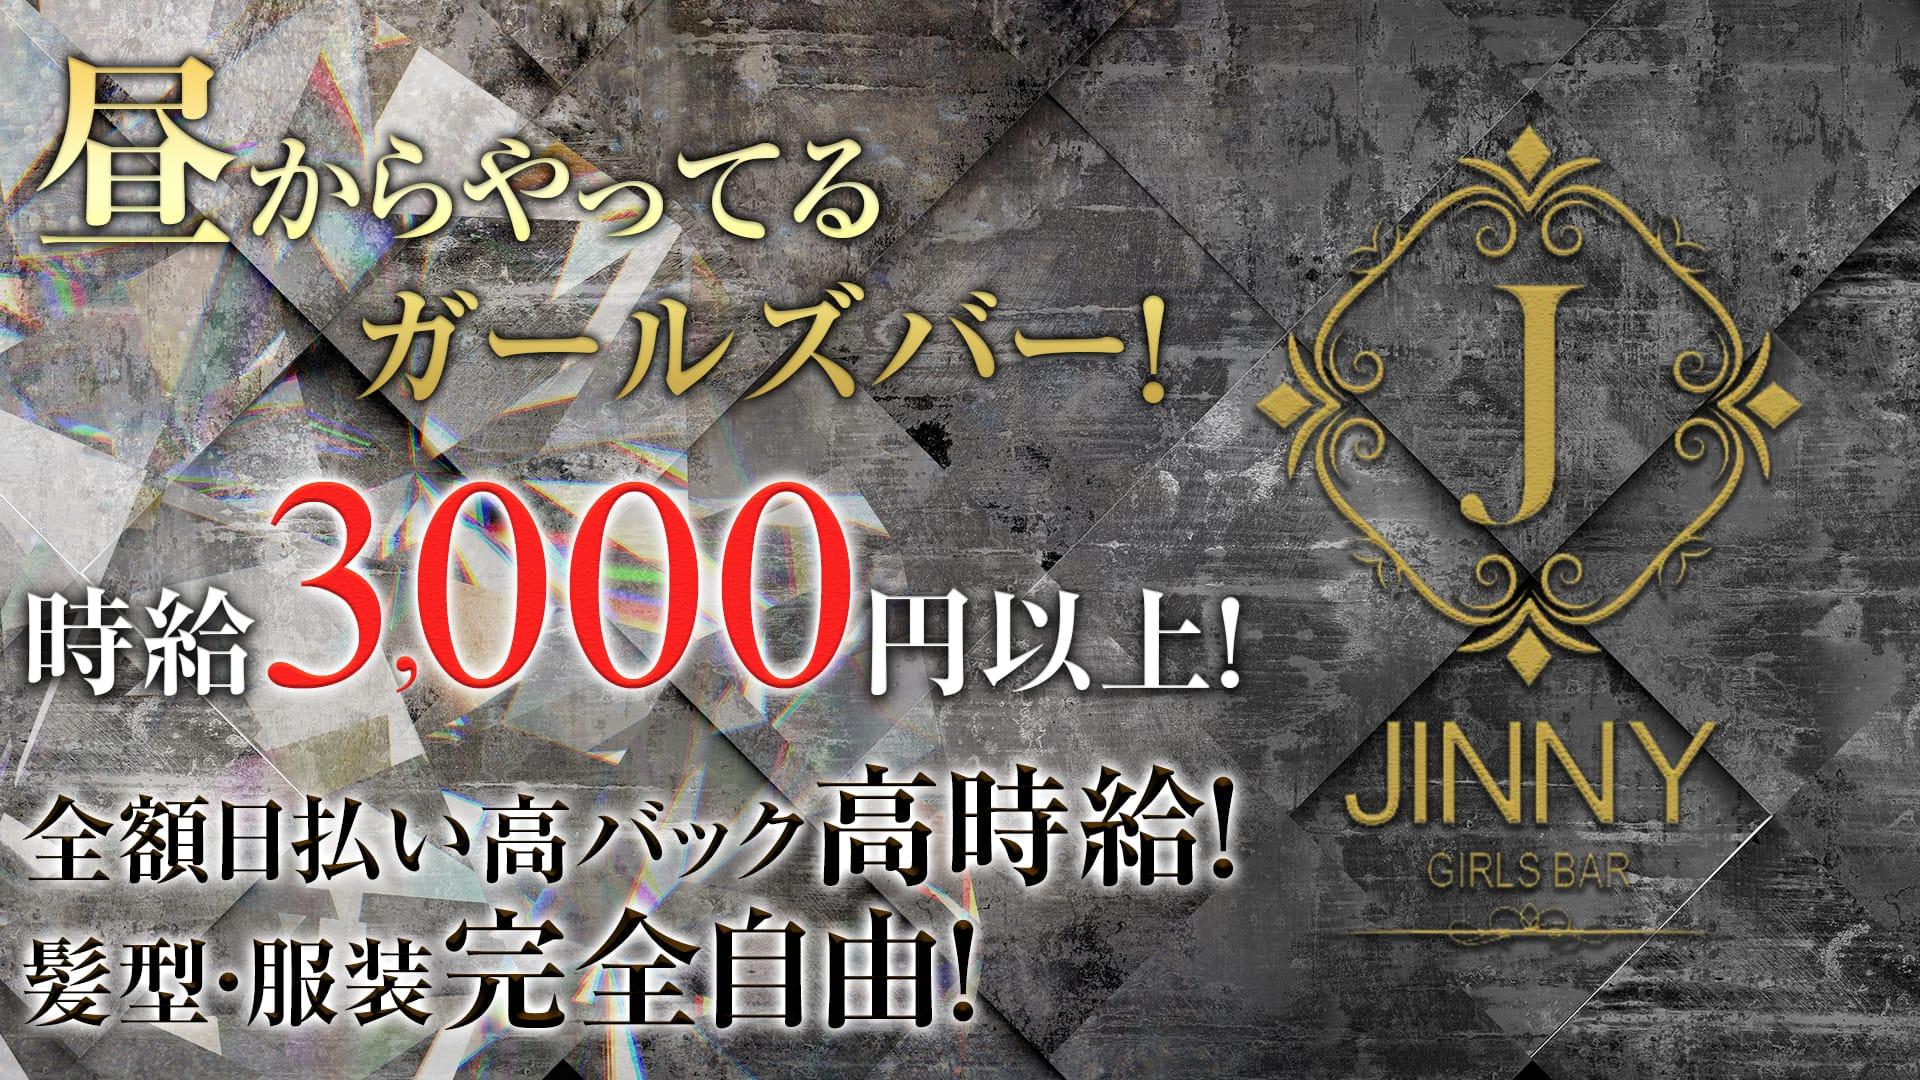 ガールズバーJinny<ジニー> 渋谷 ガールズバー TOP画像